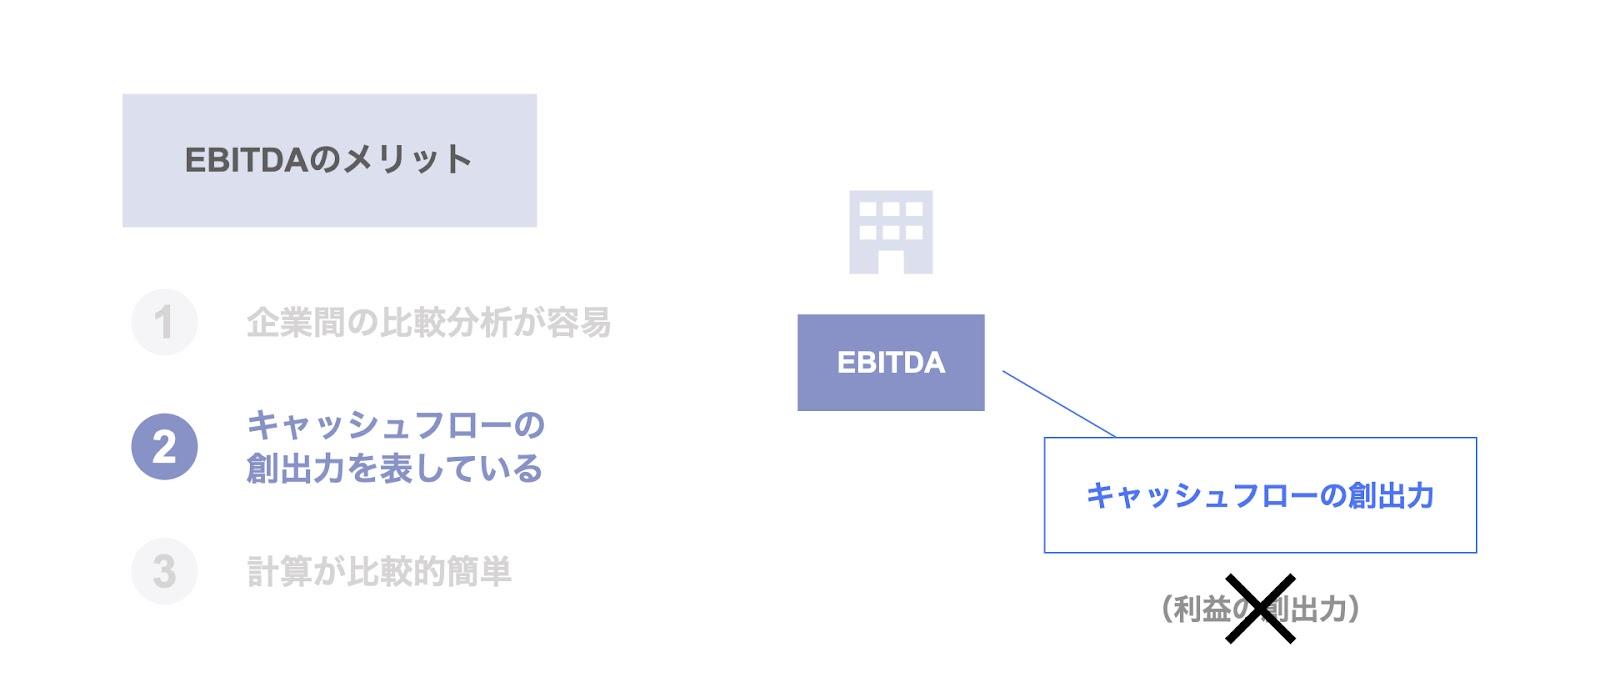 EBITDAのメリット② キャッシュフローの創出力を表している